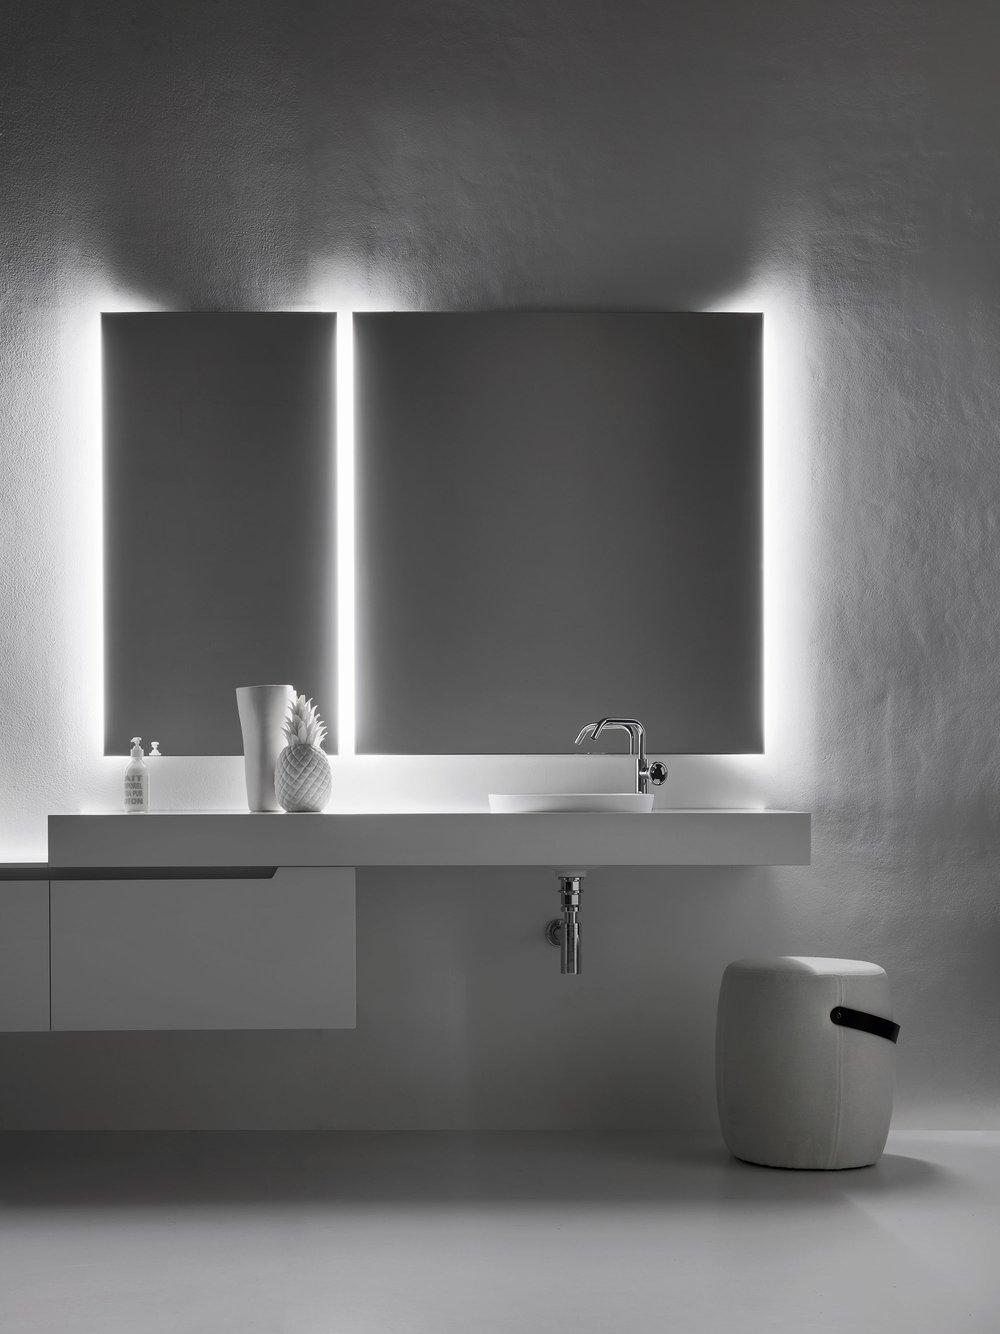 5. Luci di cortesia - La luce led della specchiera illumina la stanza da bagno, e al buio diventa una comoda luce di cortesia.